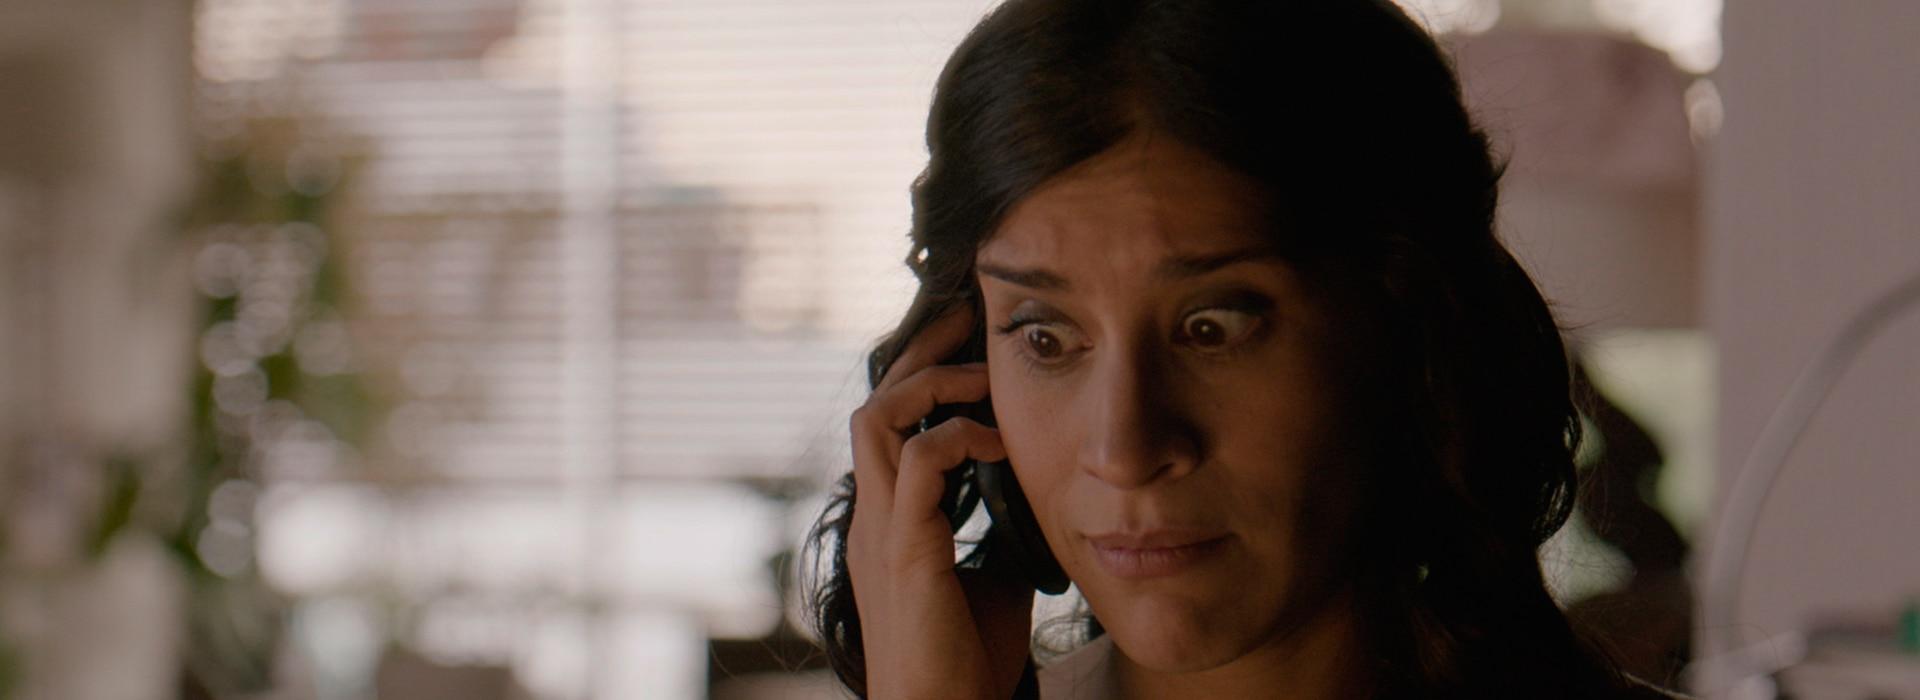 5 películas en las que brilla Ximena Ayala